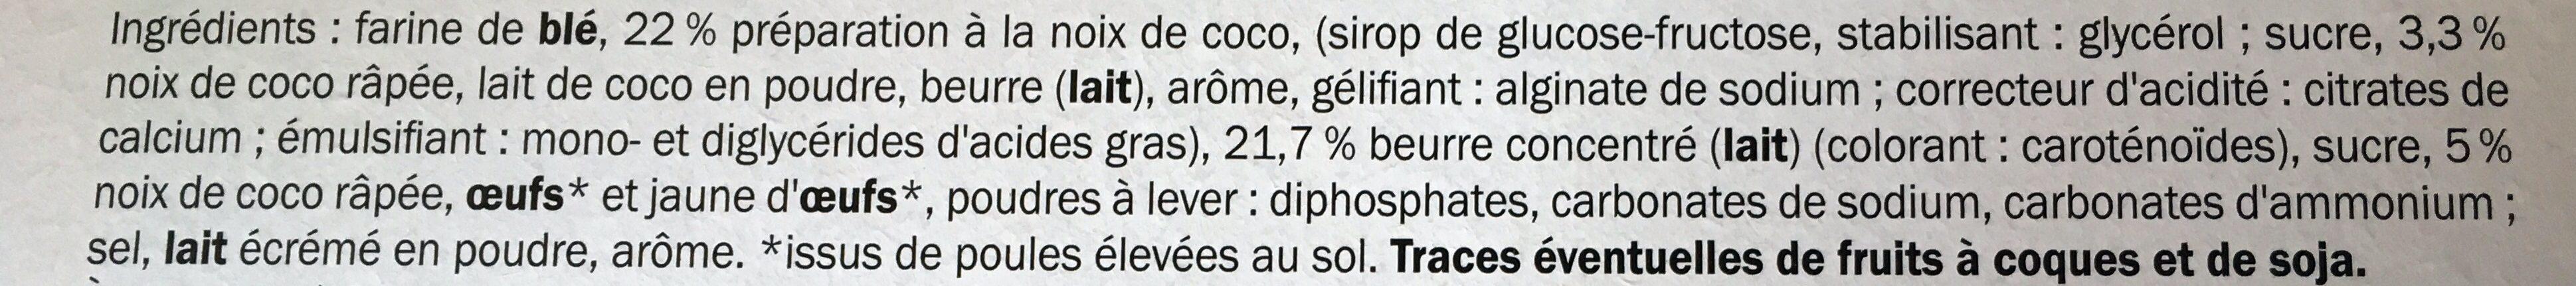 Les Sablés Pur Beurre Cœur Coco - Ingredients - fr